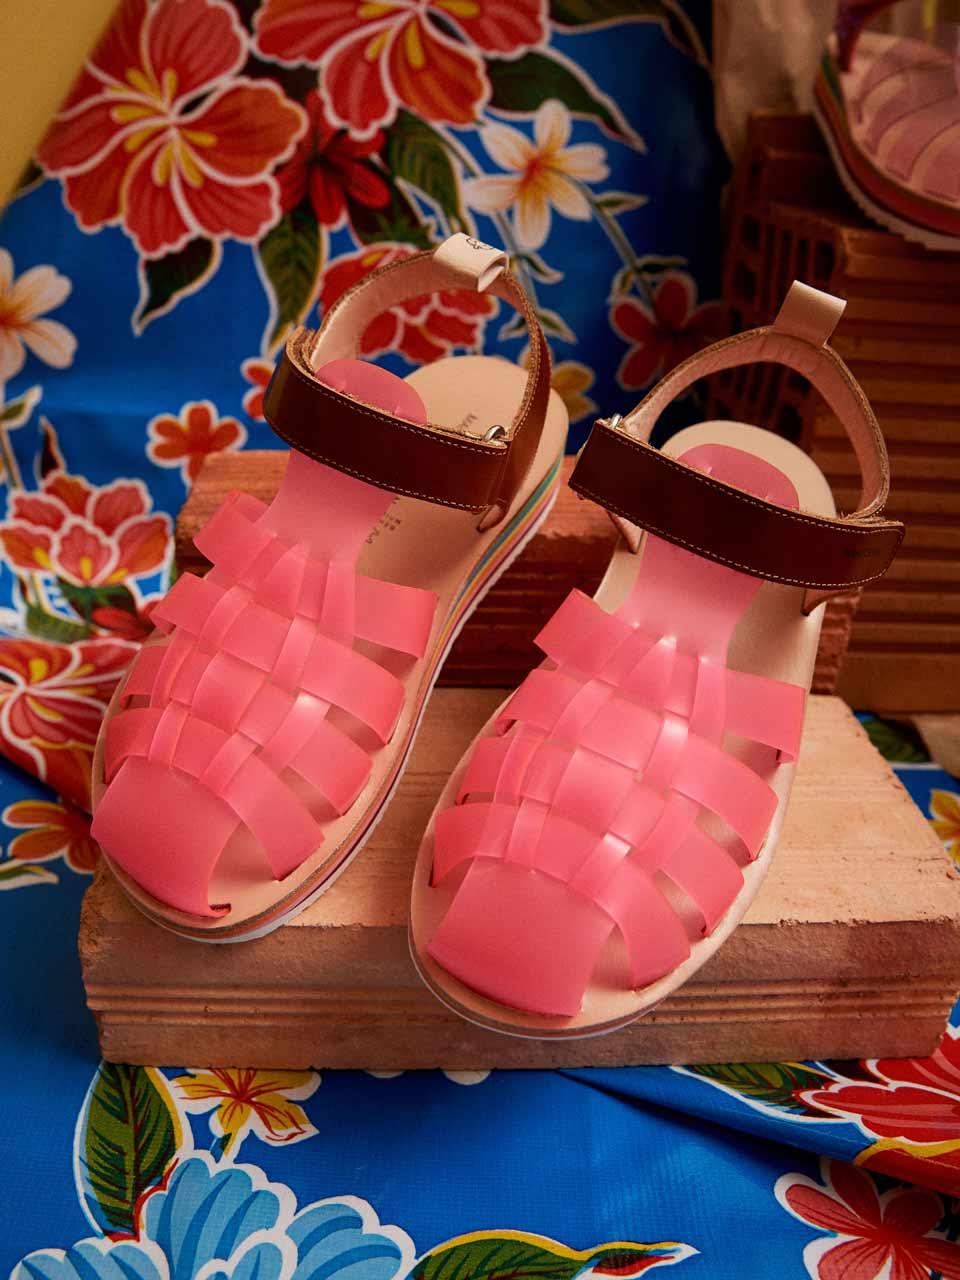 Sandales Cupuí roses Maison Mangostan